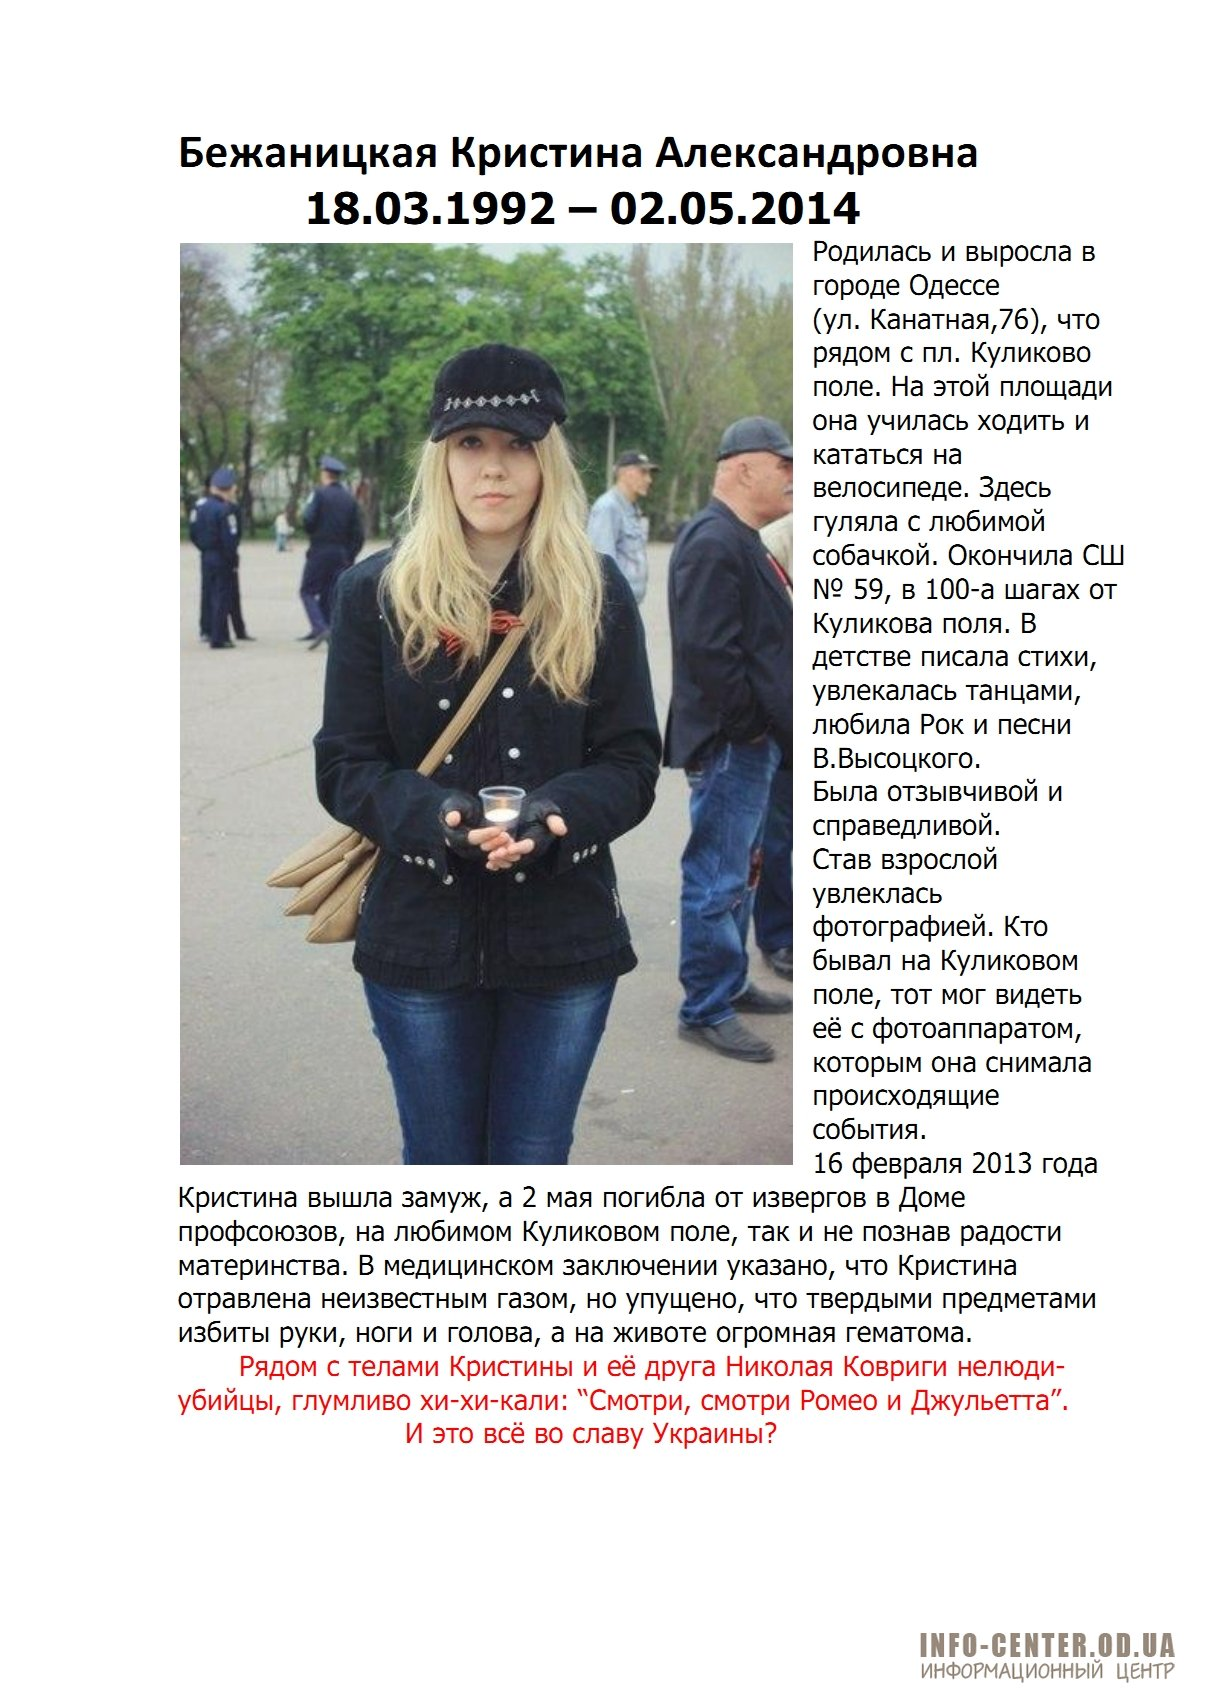 Картинки по истории украины 7